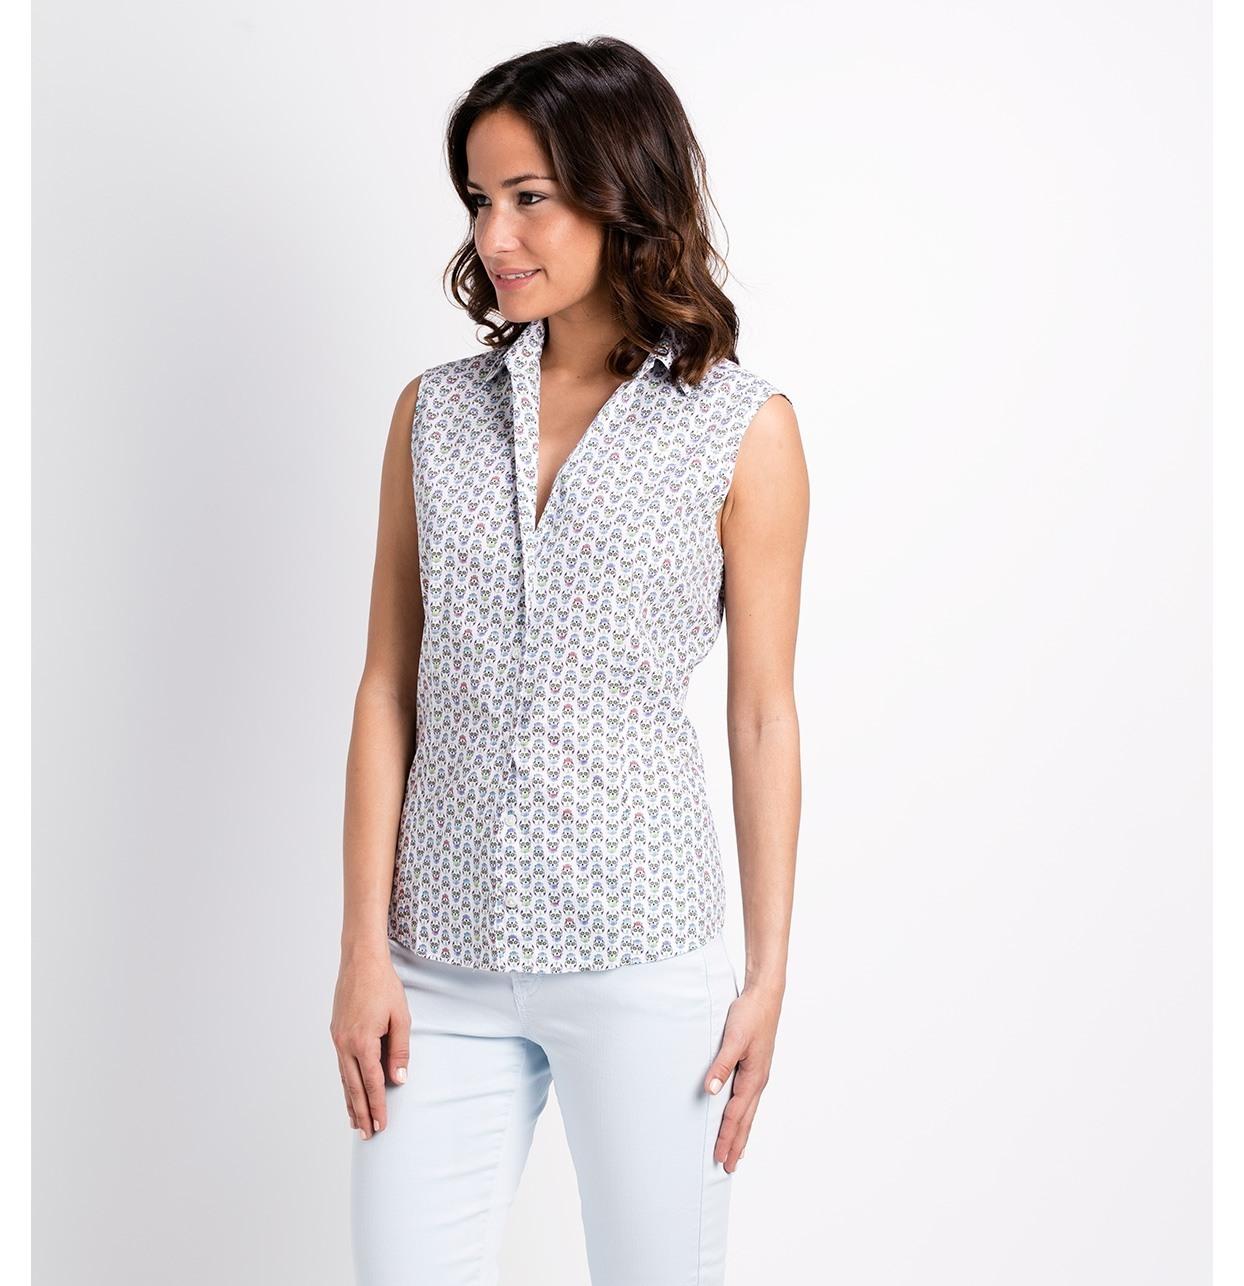 Camisa woman manga sisa, modelo ADA estampado de calaveras color crudo 100% Algodón - Ítem1